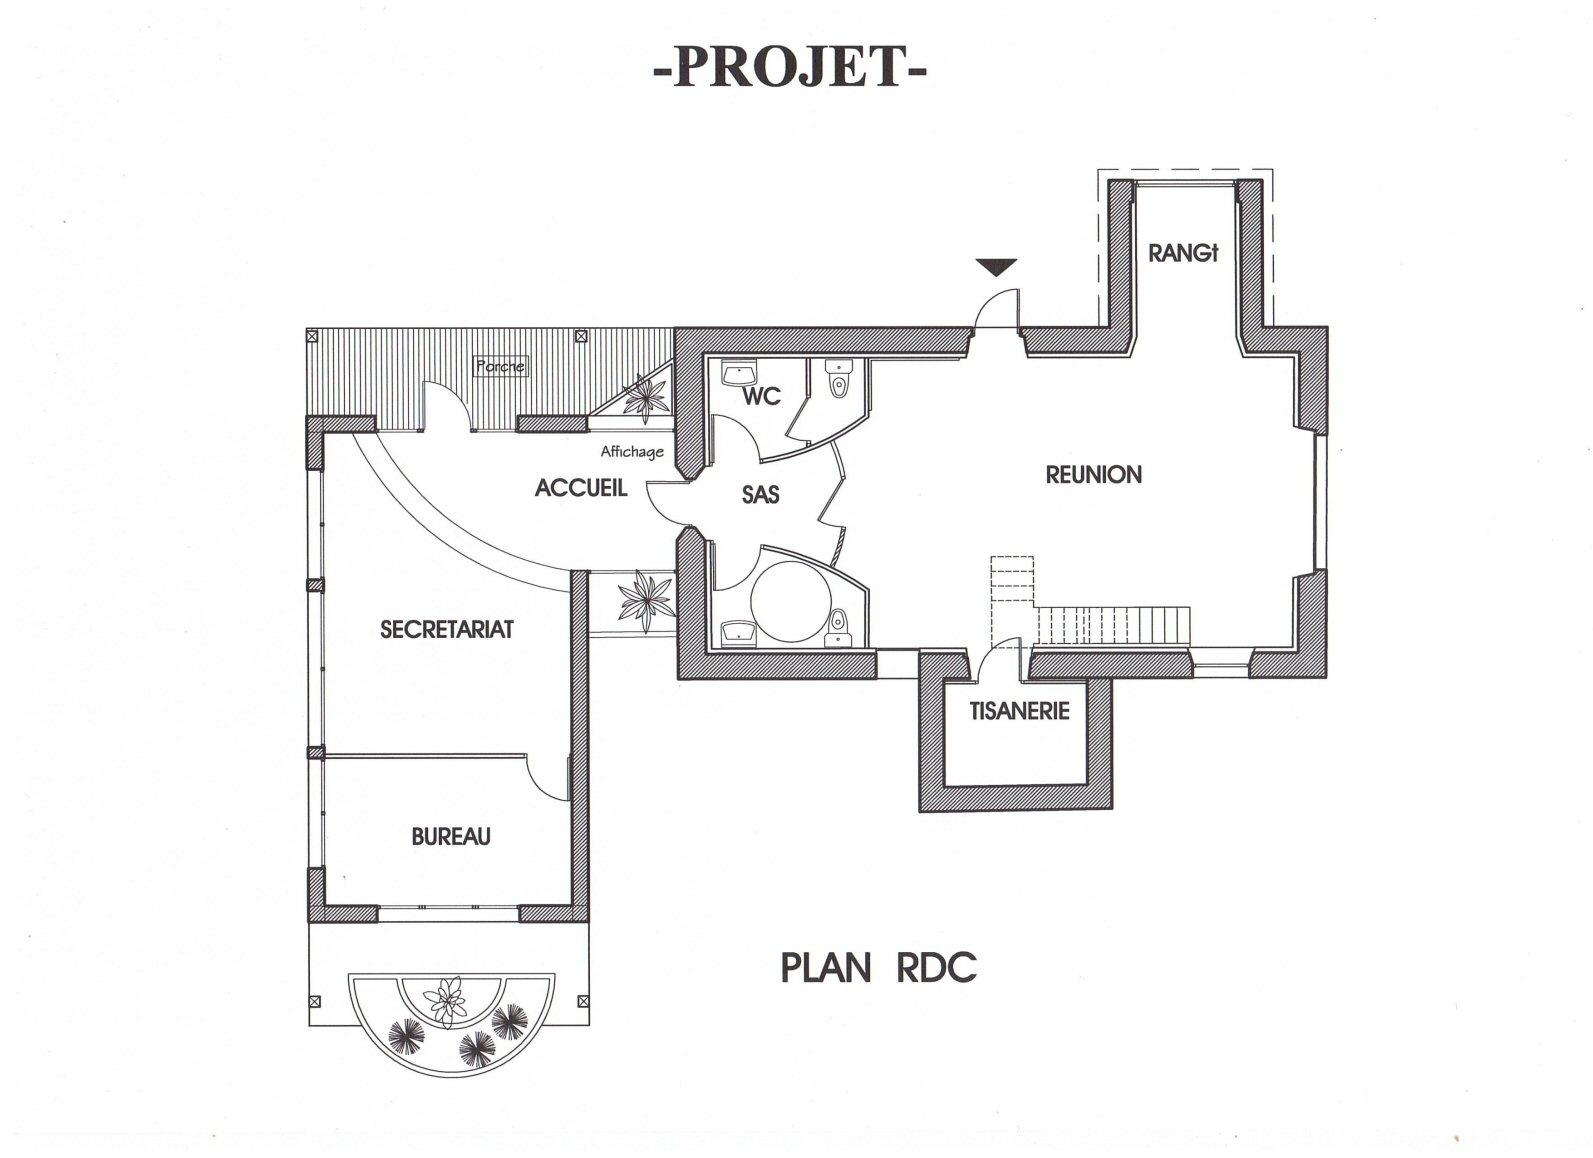 Projet de plan de construction de la mairie (64) - Architecte Jean-Marc Ritondo